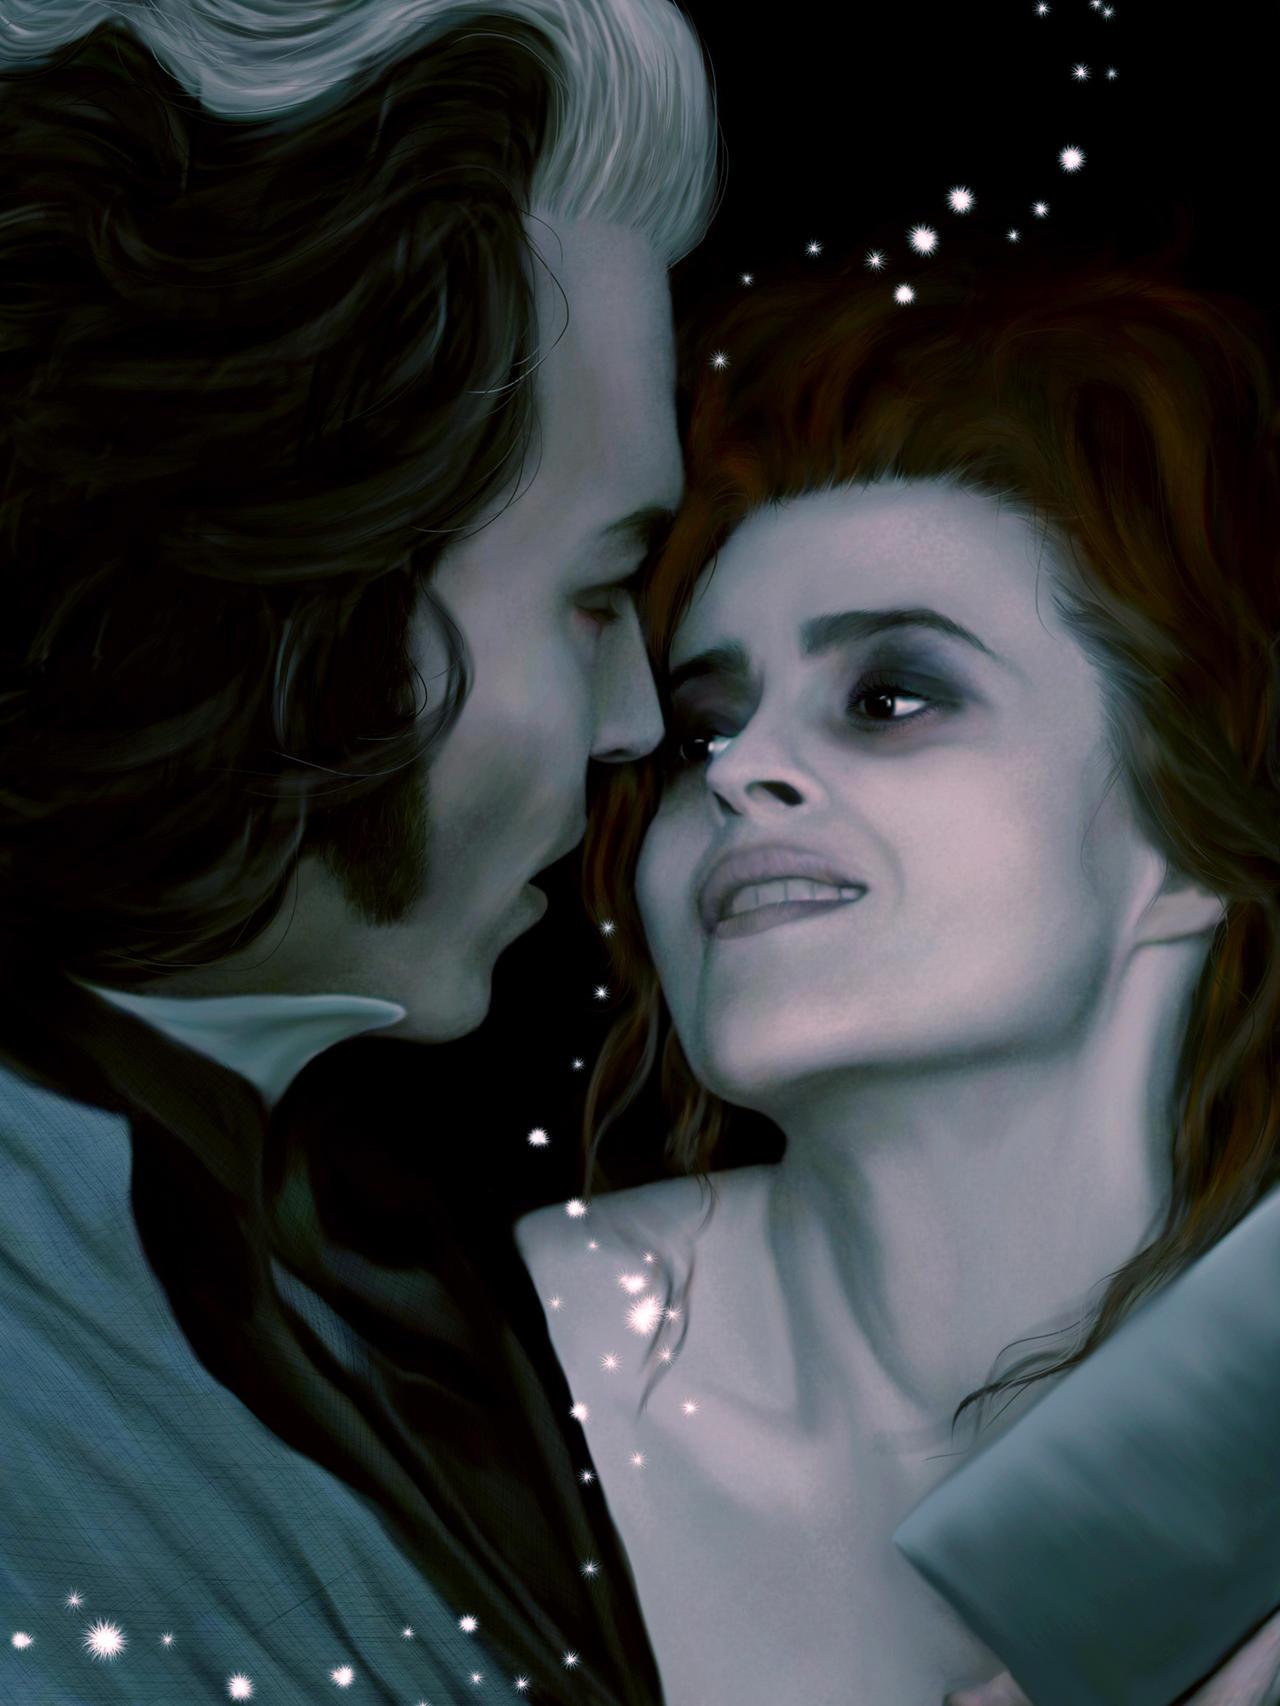 Kiss me, mr T by ecilARose